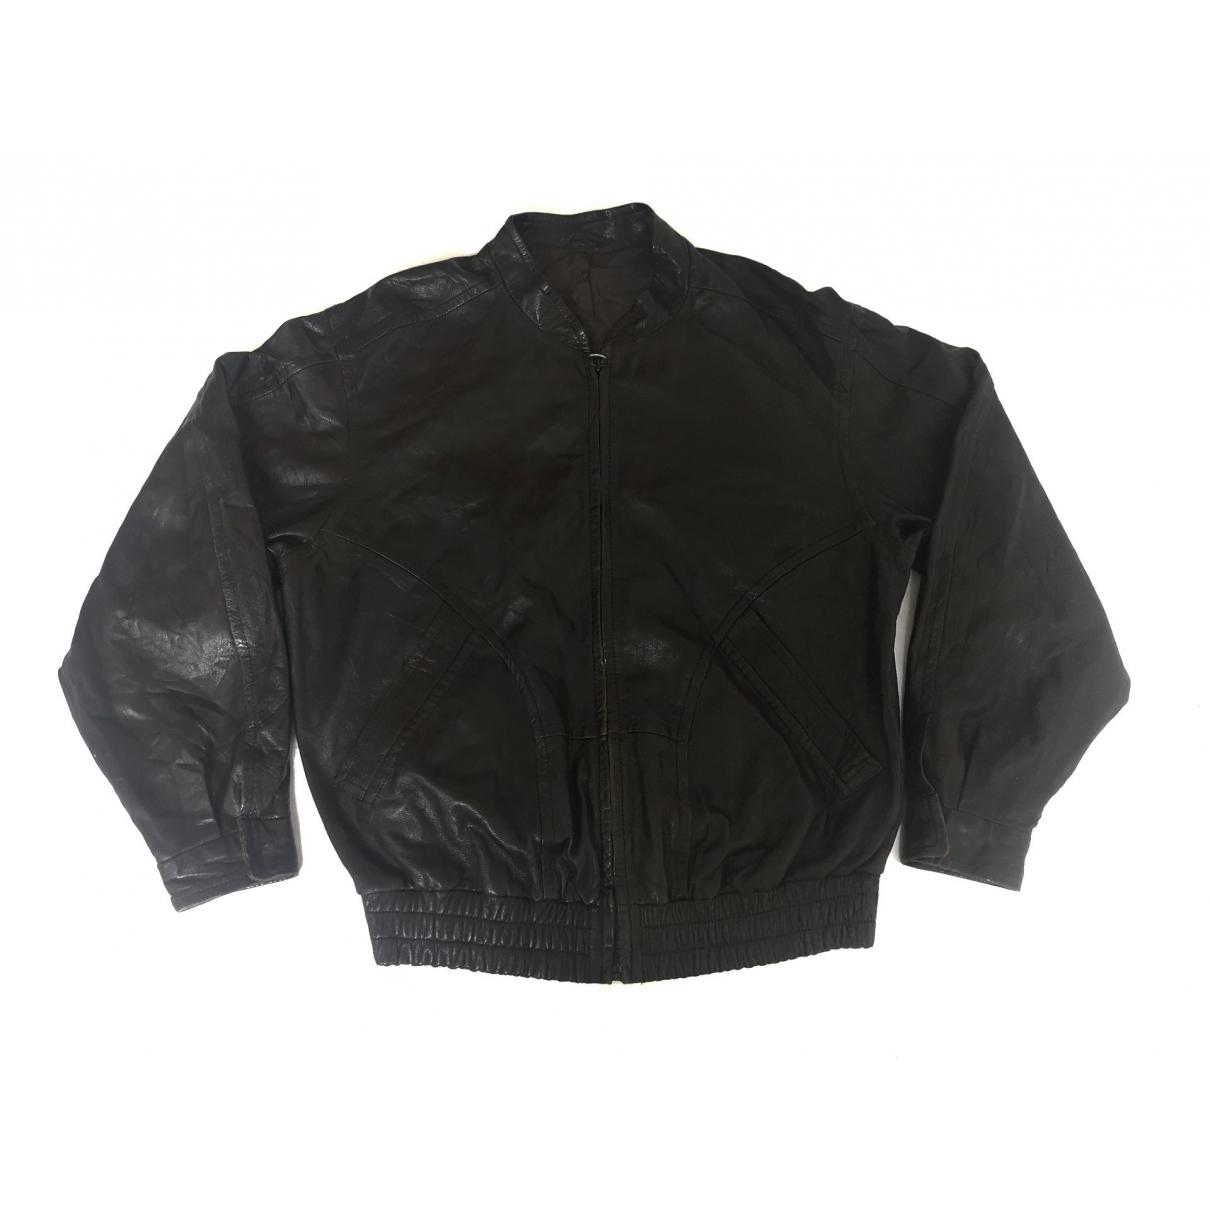 Bally \N Black Leather jacket  for Men 40 UK - US